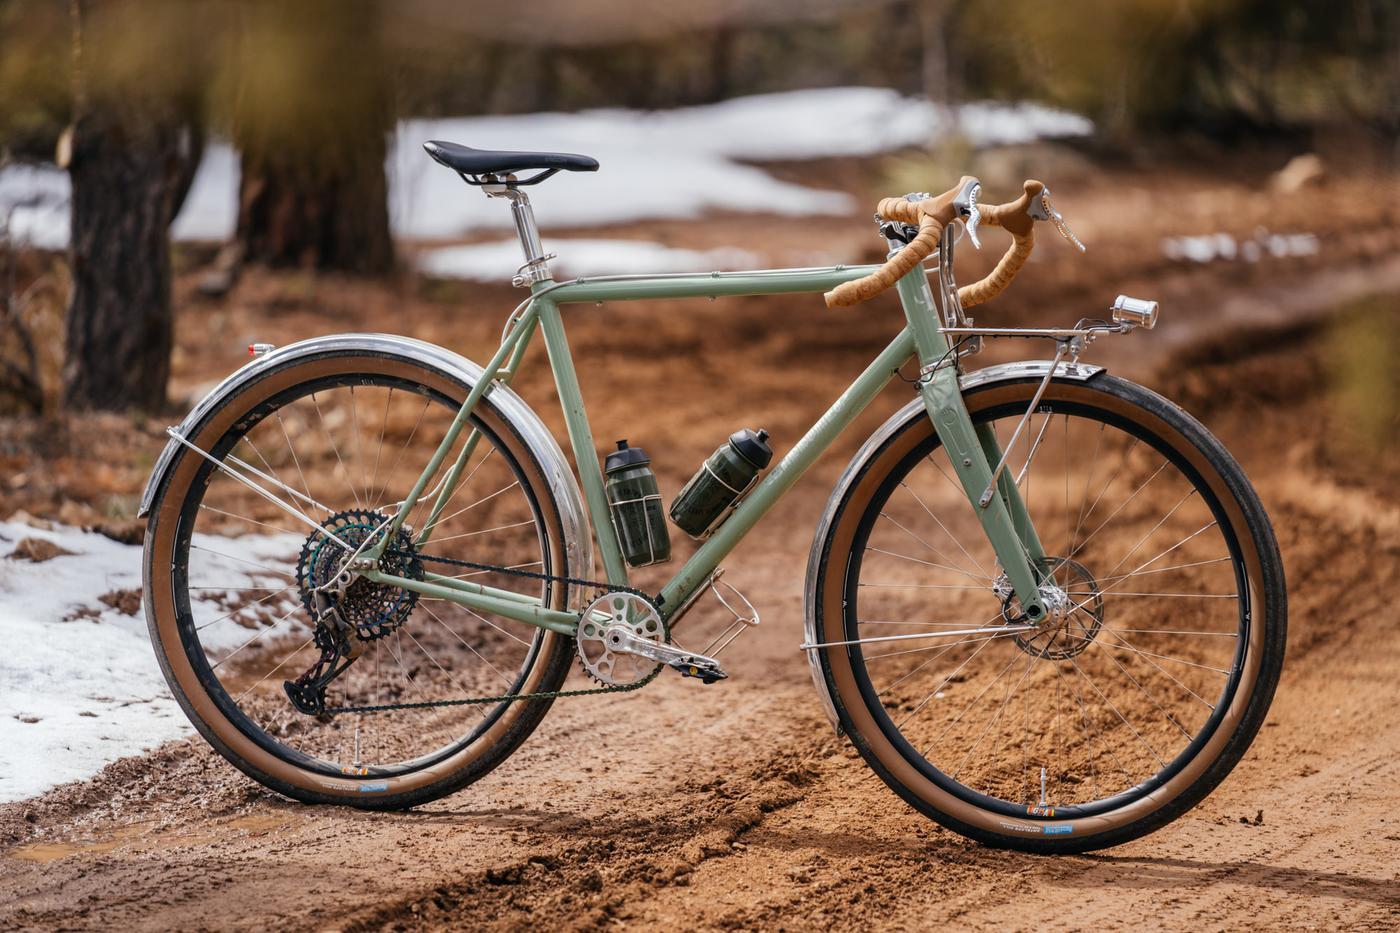 A Baphomet Bicycles Light Tourer: the Shreddy Rando